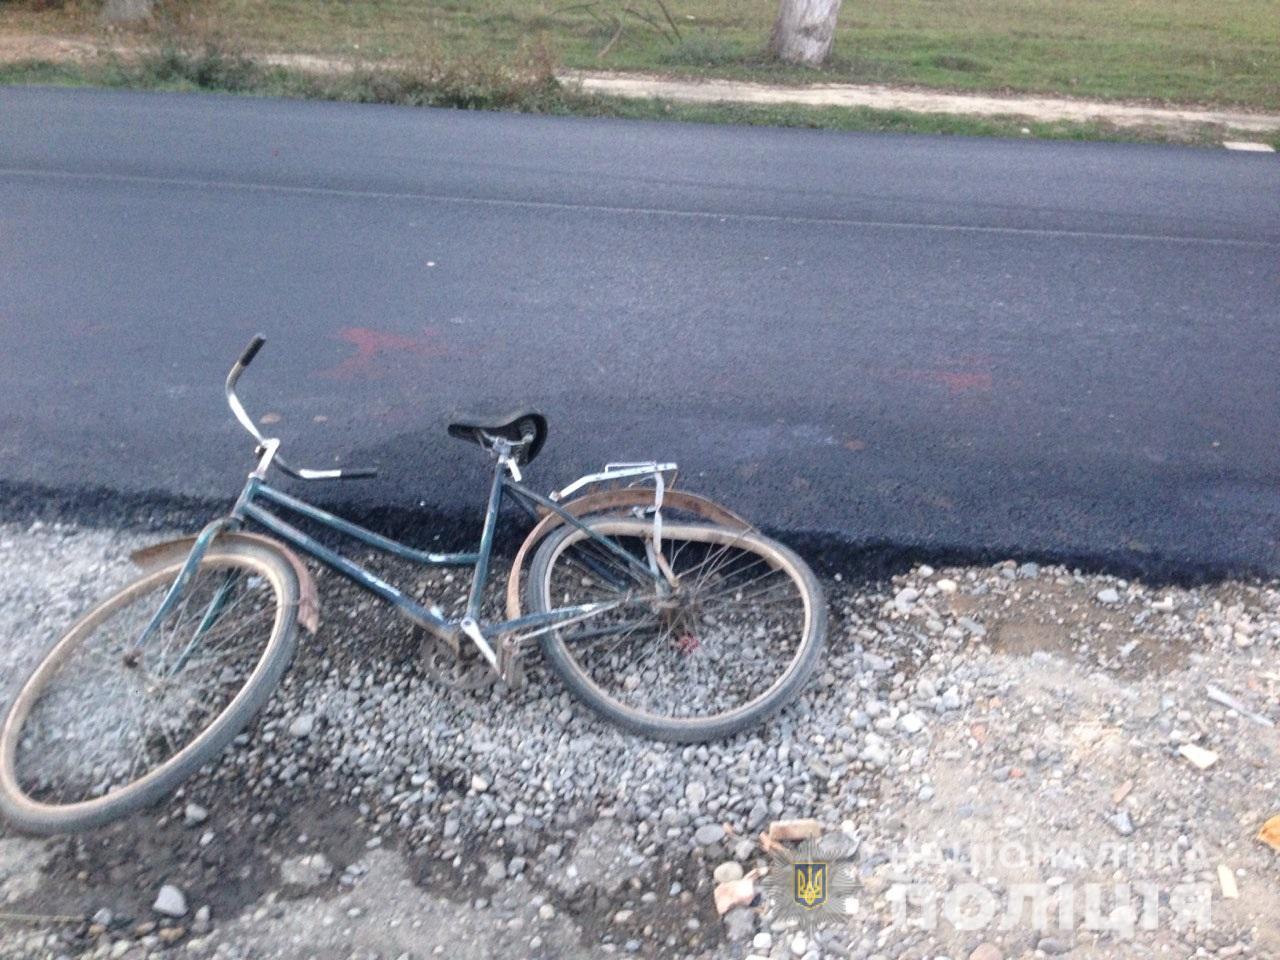 Чоловік помер дорогою до лікарні: у поліції розповіли подробиці фатальної ДТП, яка сталася на Виноградівщині